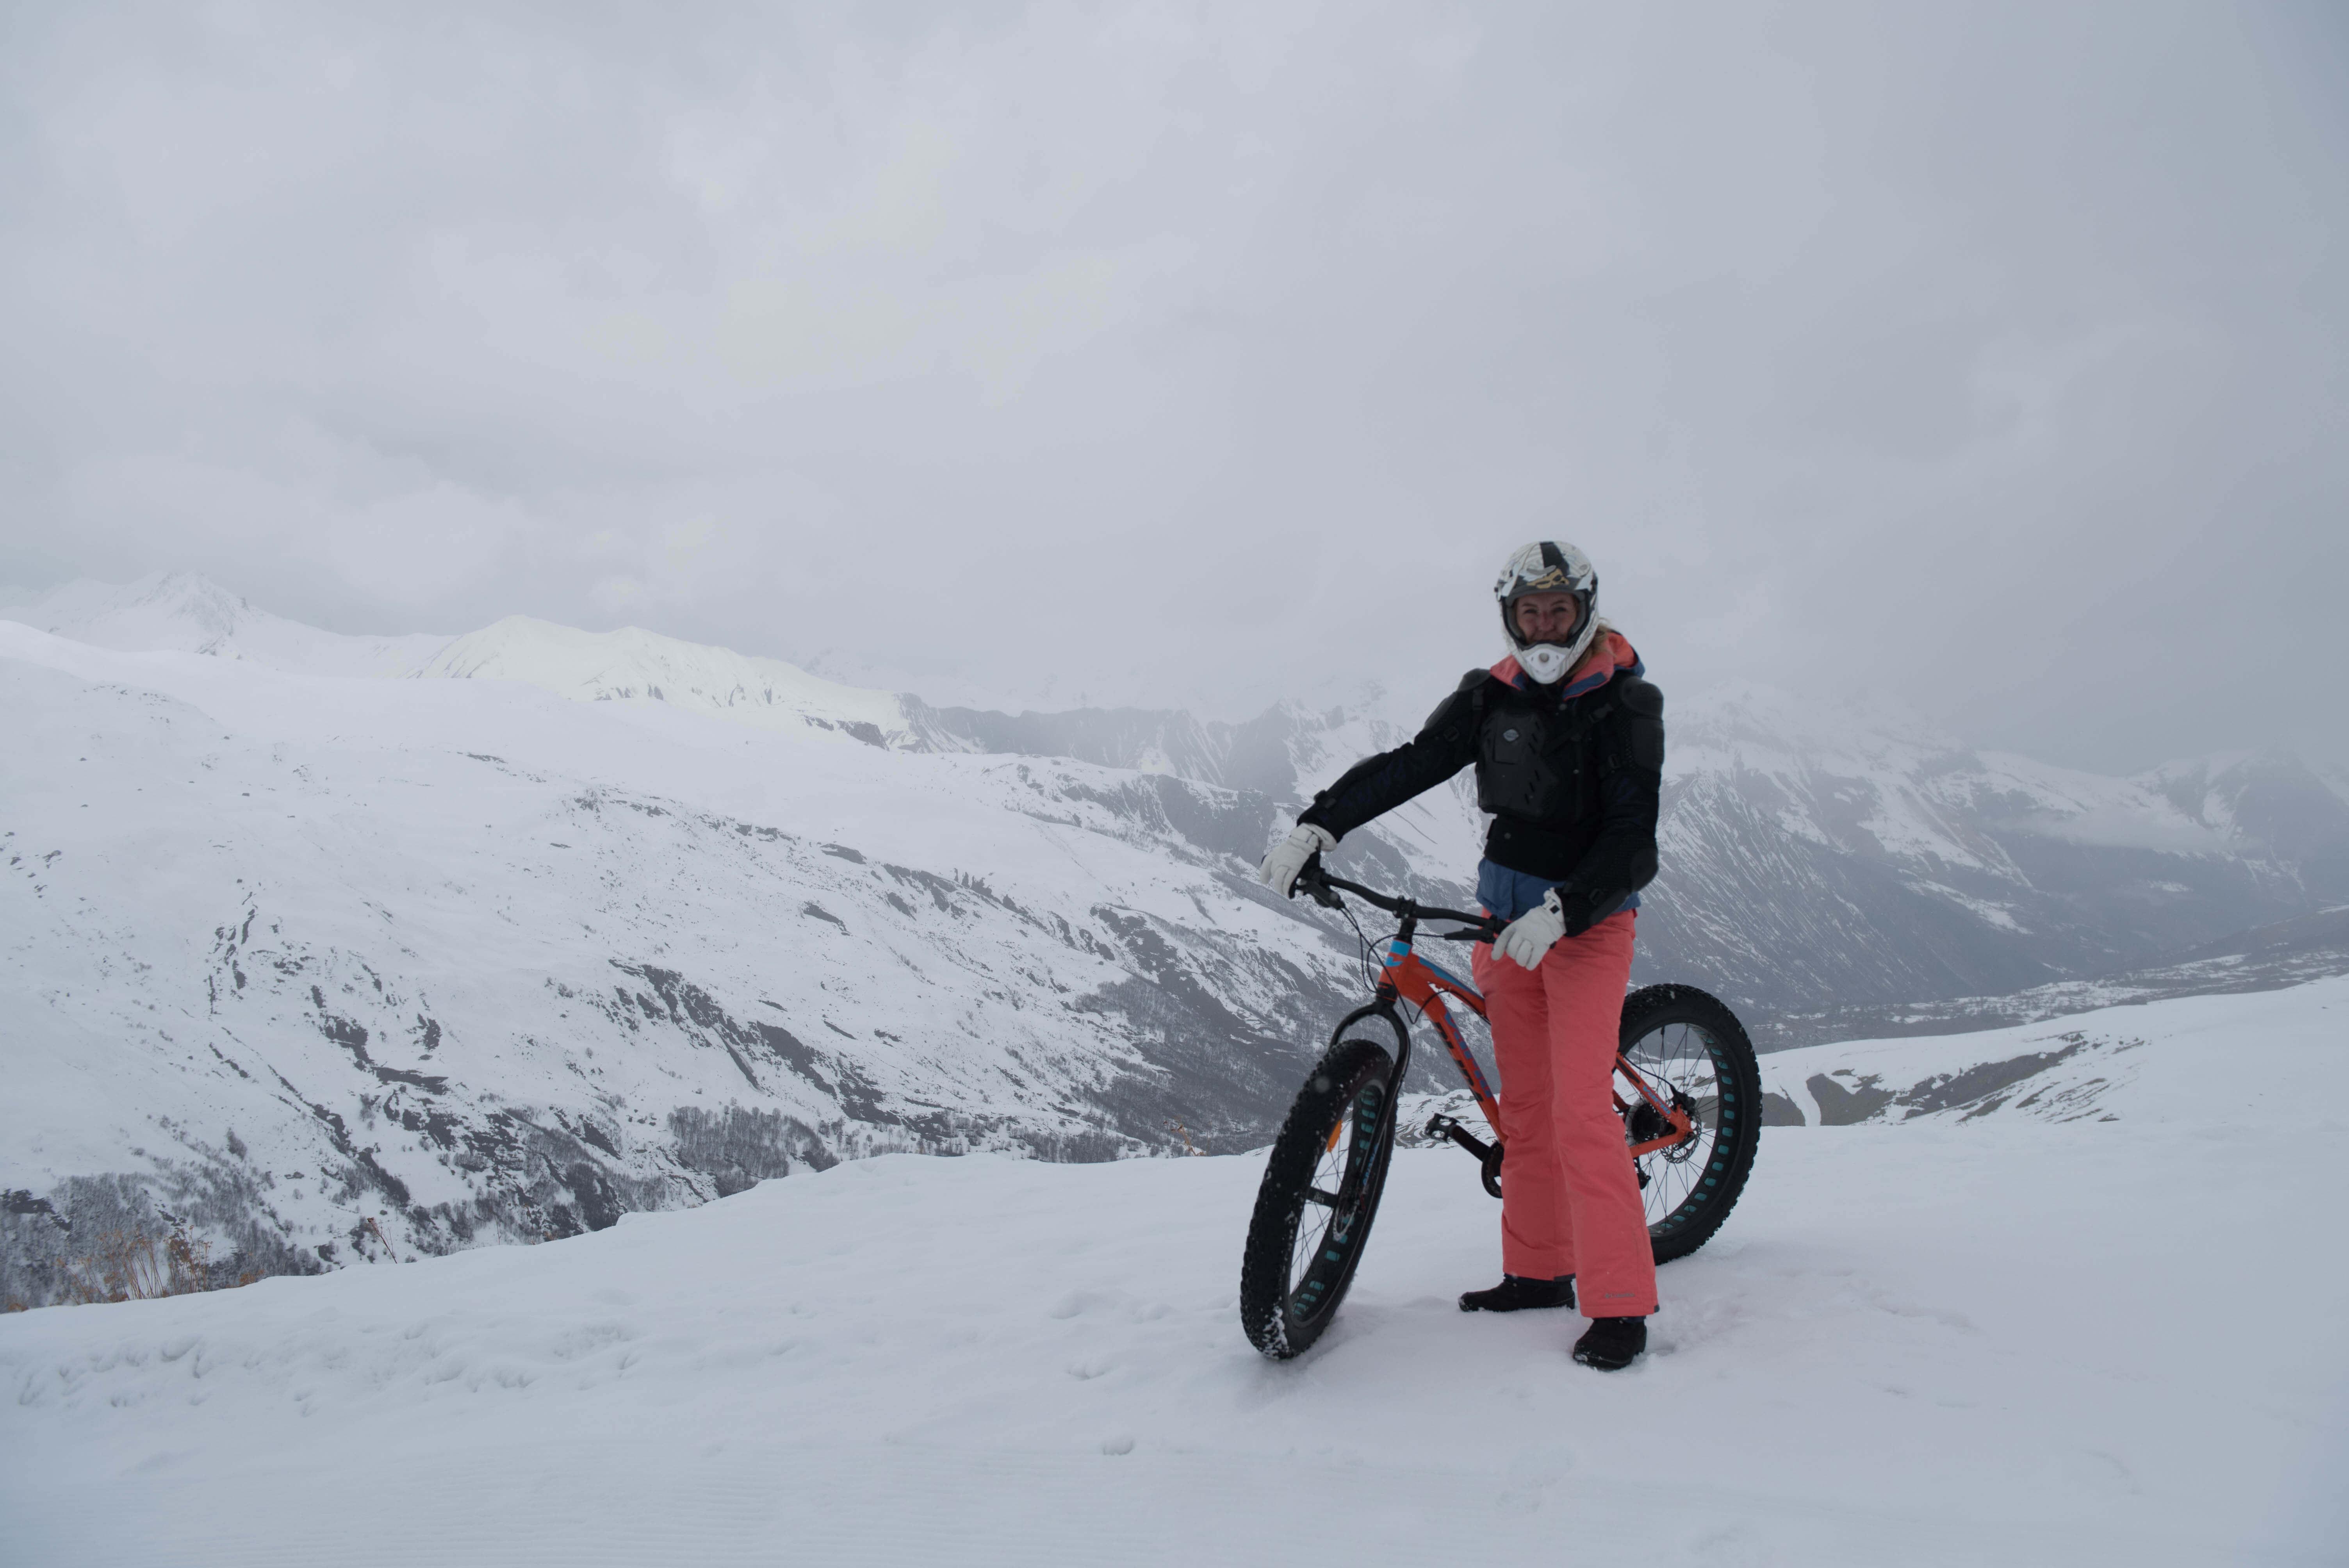 Wintersport vakantie tips Frankrijk 2020